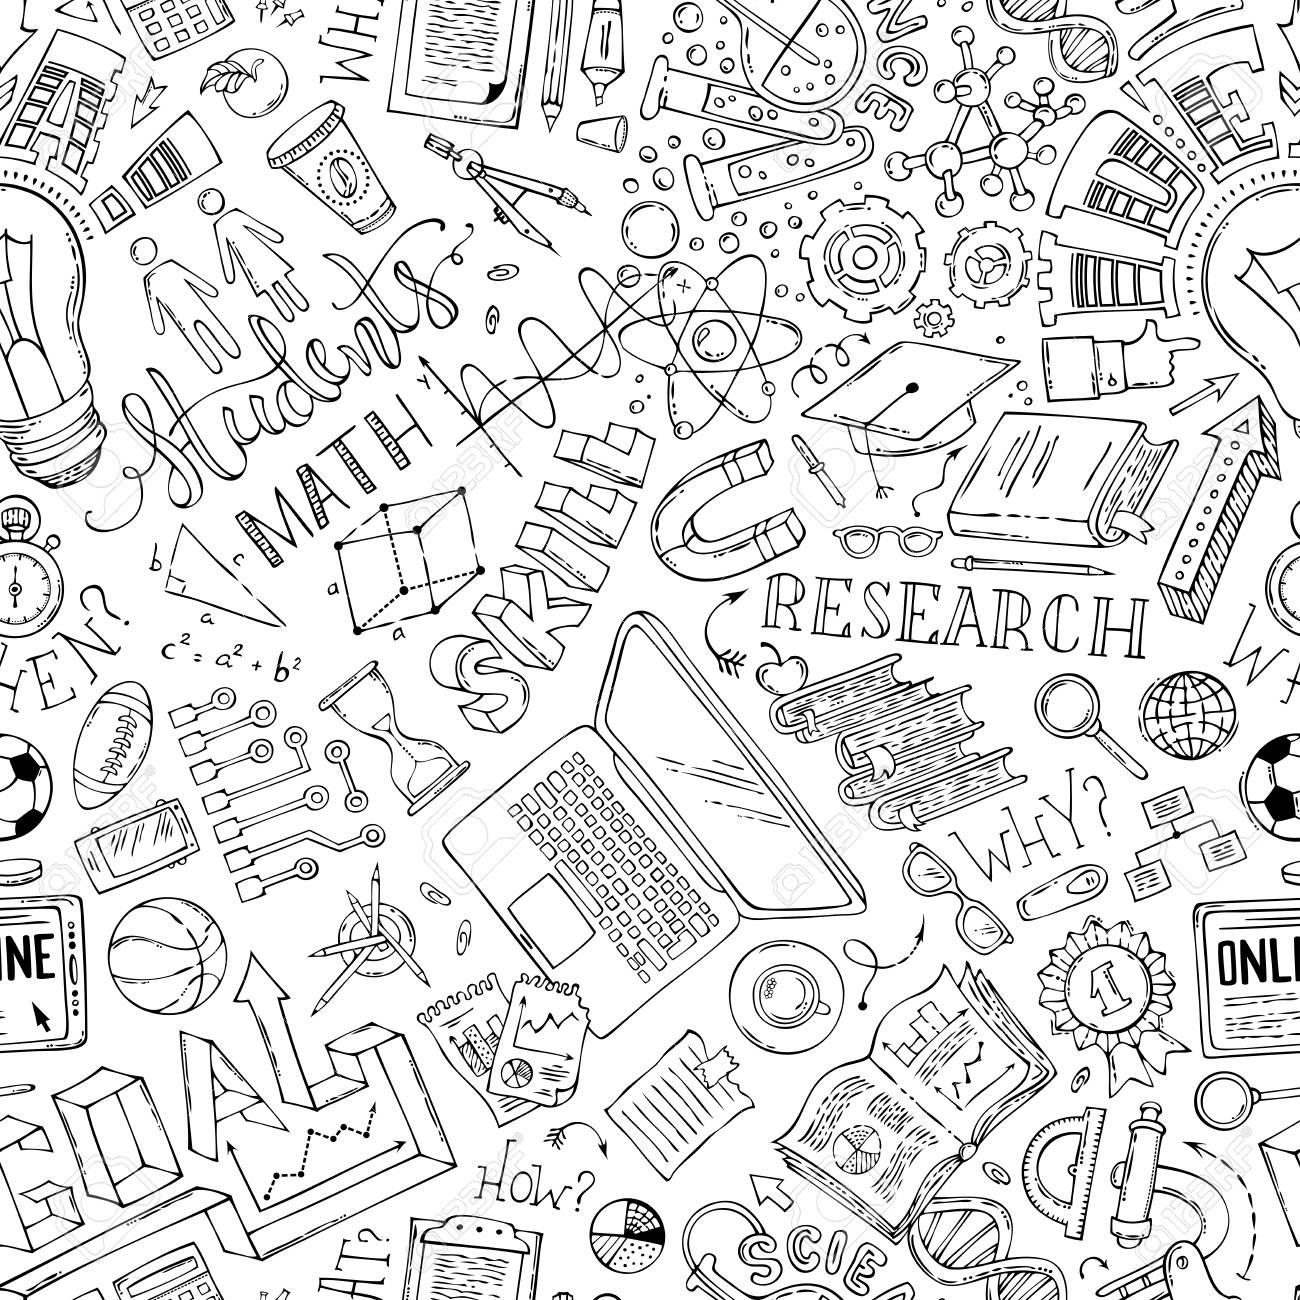 Ciencia Matemáticas Técnica Laboratorio Química Símbolos De Investigación Fondo Ilimitado Dibujado A Mano Libro De Colorear Para Adultos